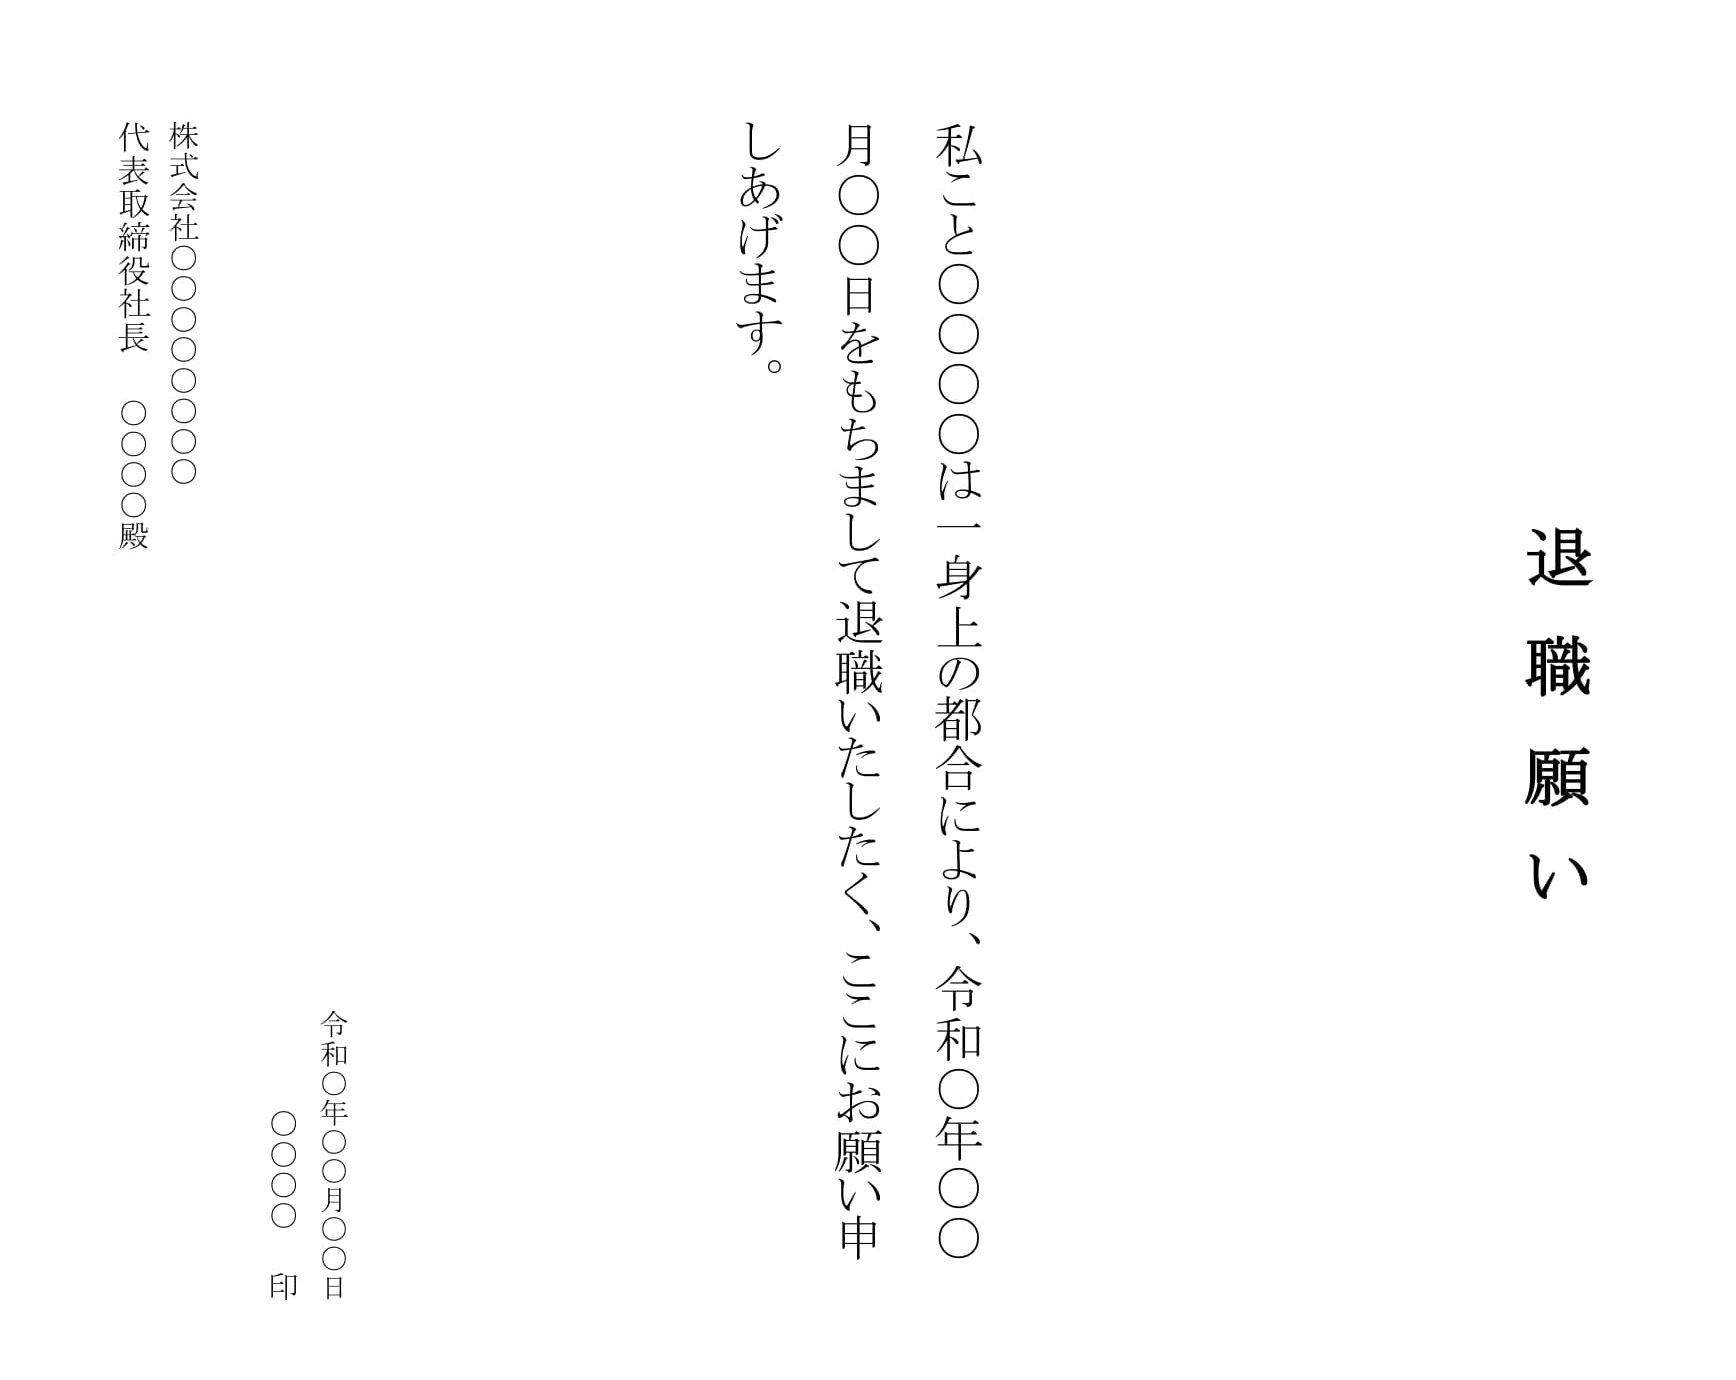 会員登録不要で無料でダウンロードできる退職願(縦書き)02のテンプレート書式